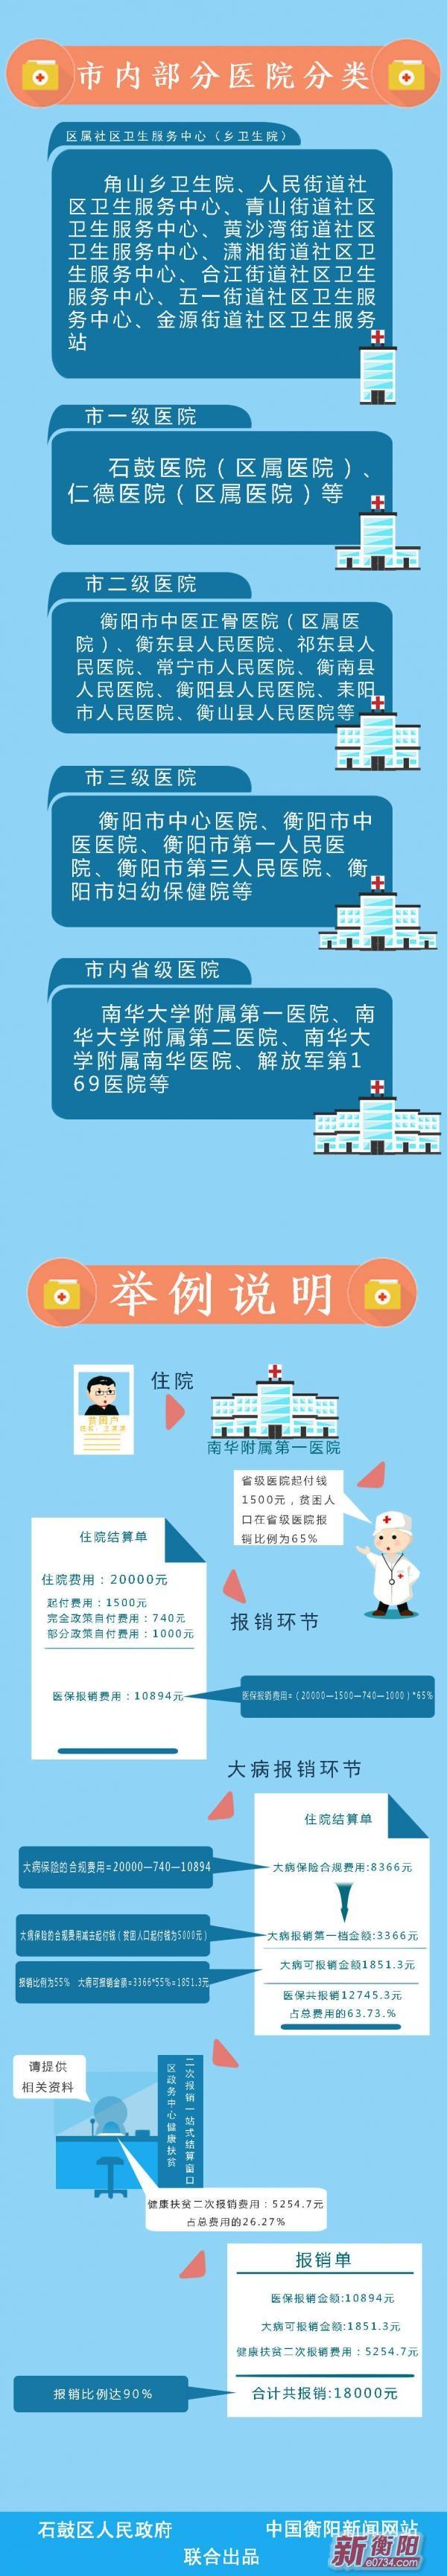 中国衡阳新闻网 澳门在线博彩 www.h9wp.com.cn